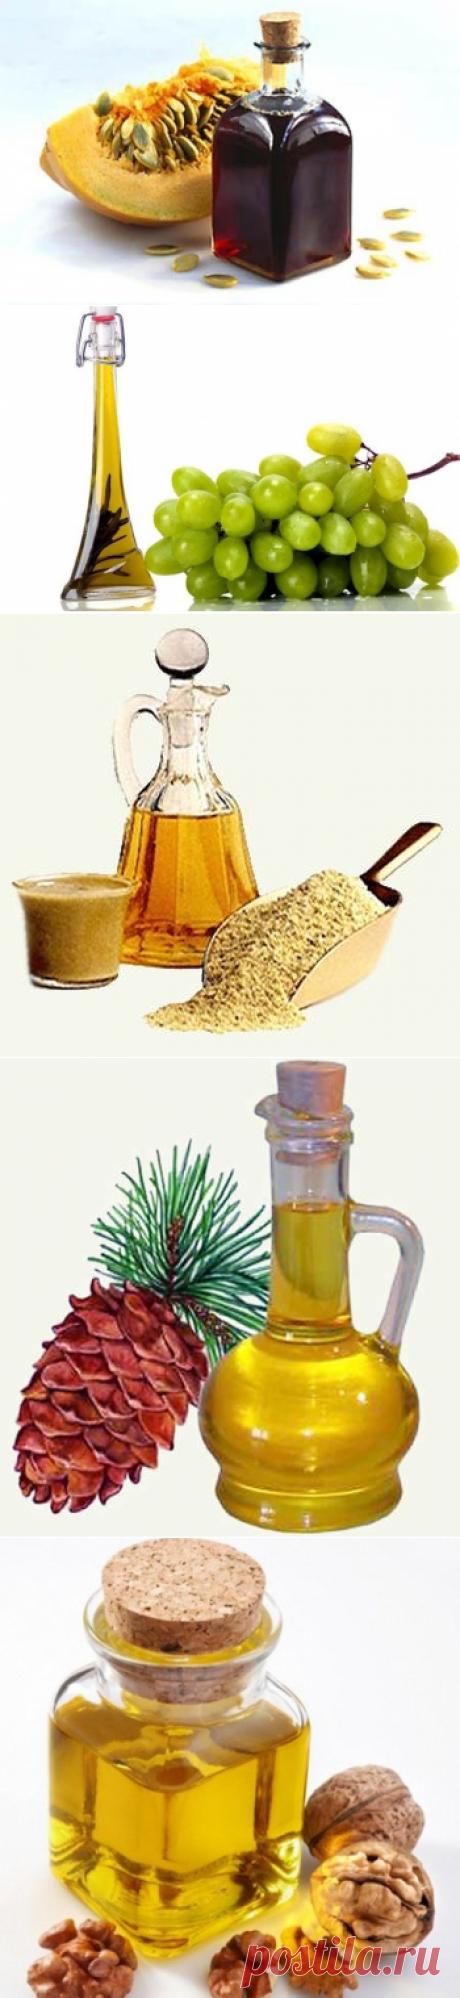 9 масел, которые более всего полезны для здоровья